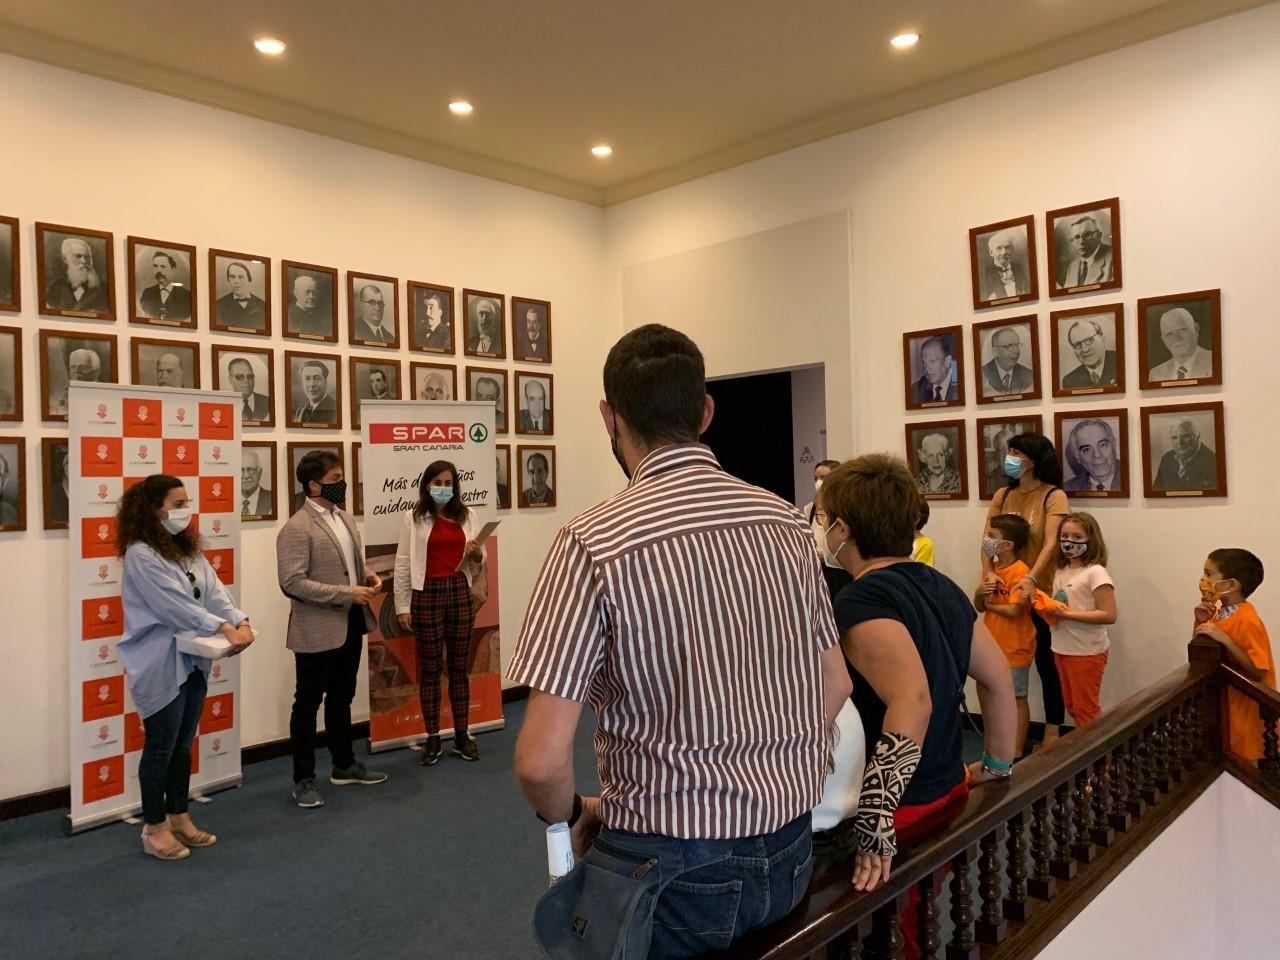 Las momias de El Museo Canario